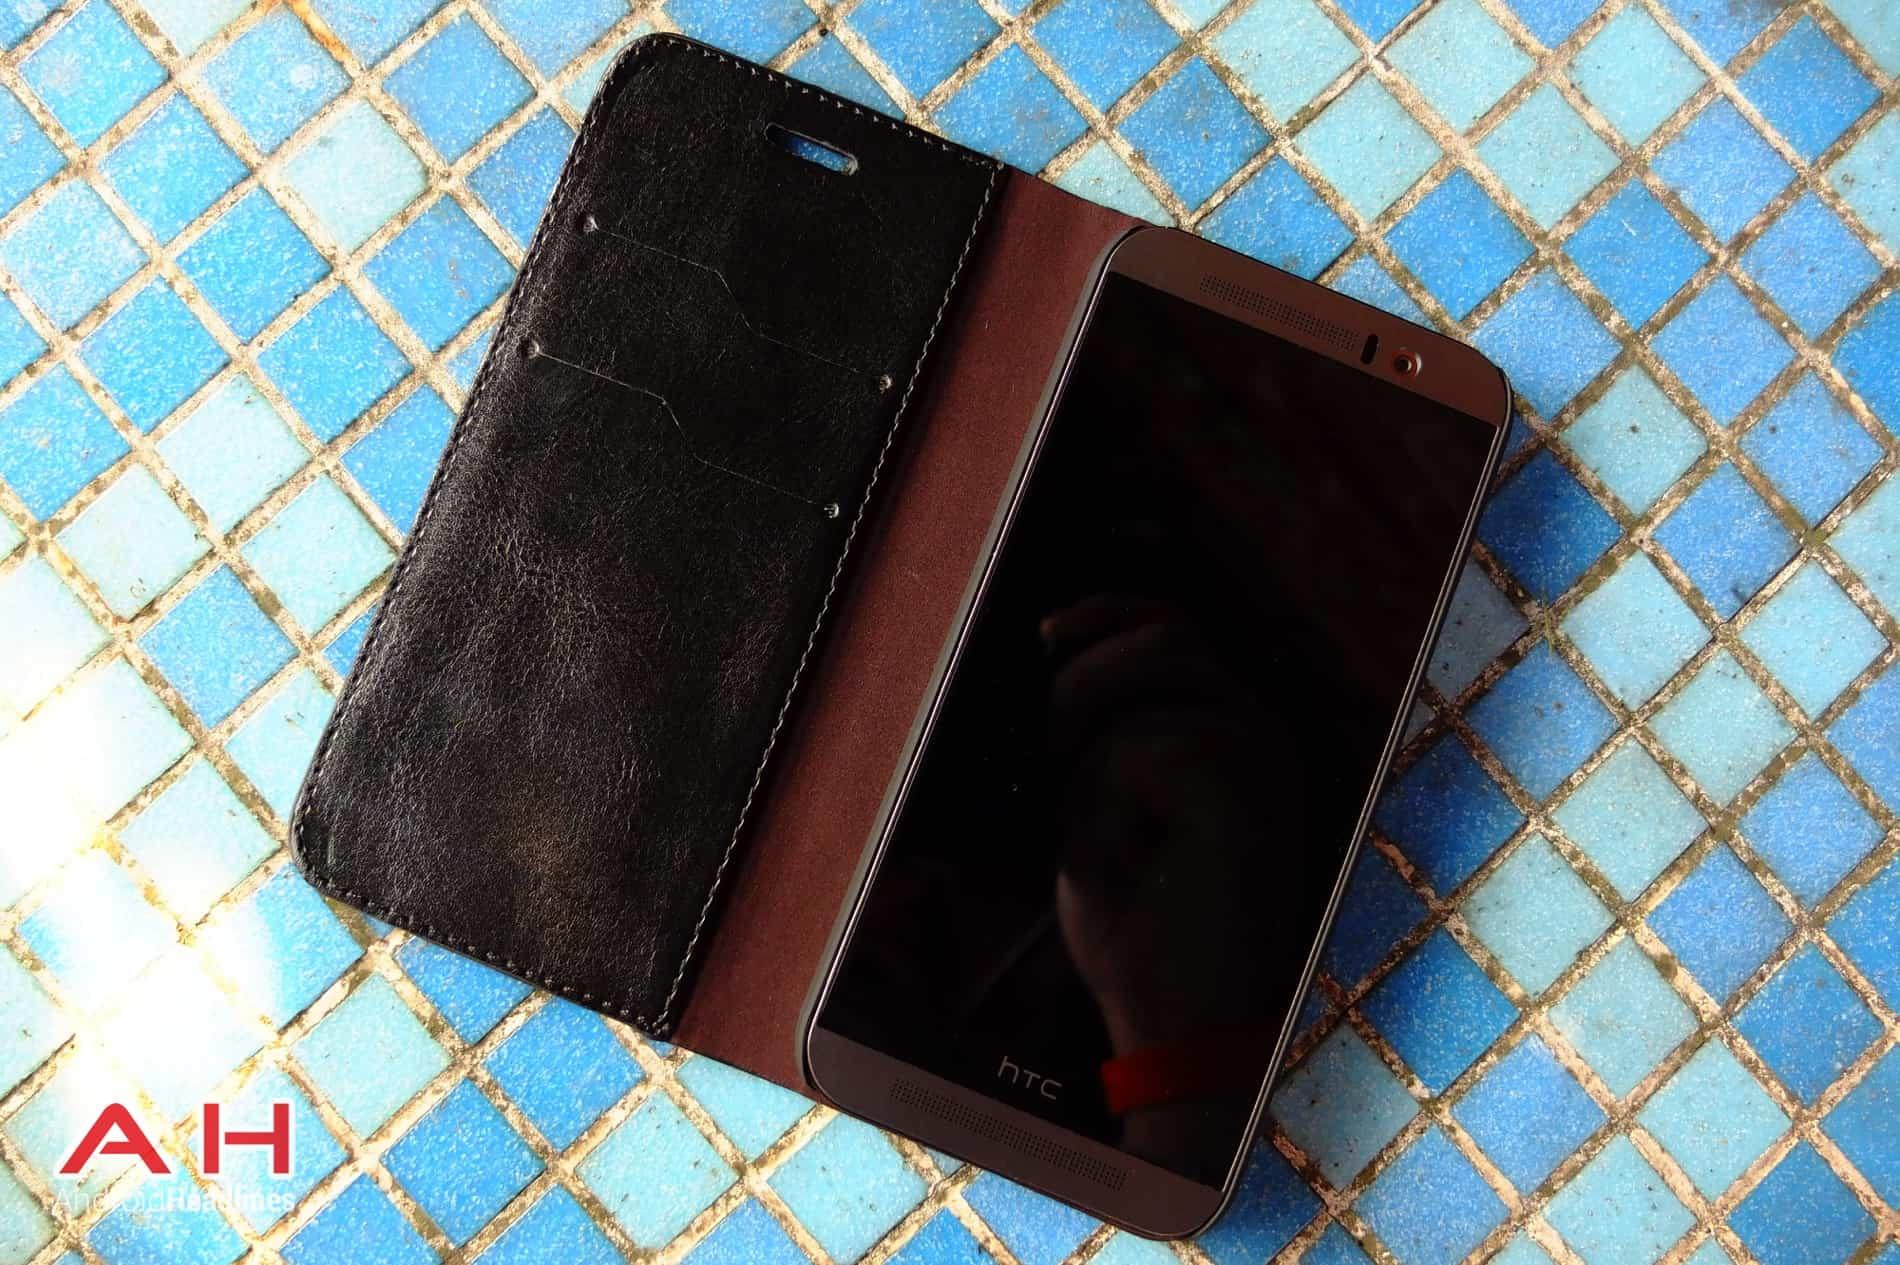 Olixar Leather Flip M9 AH 03